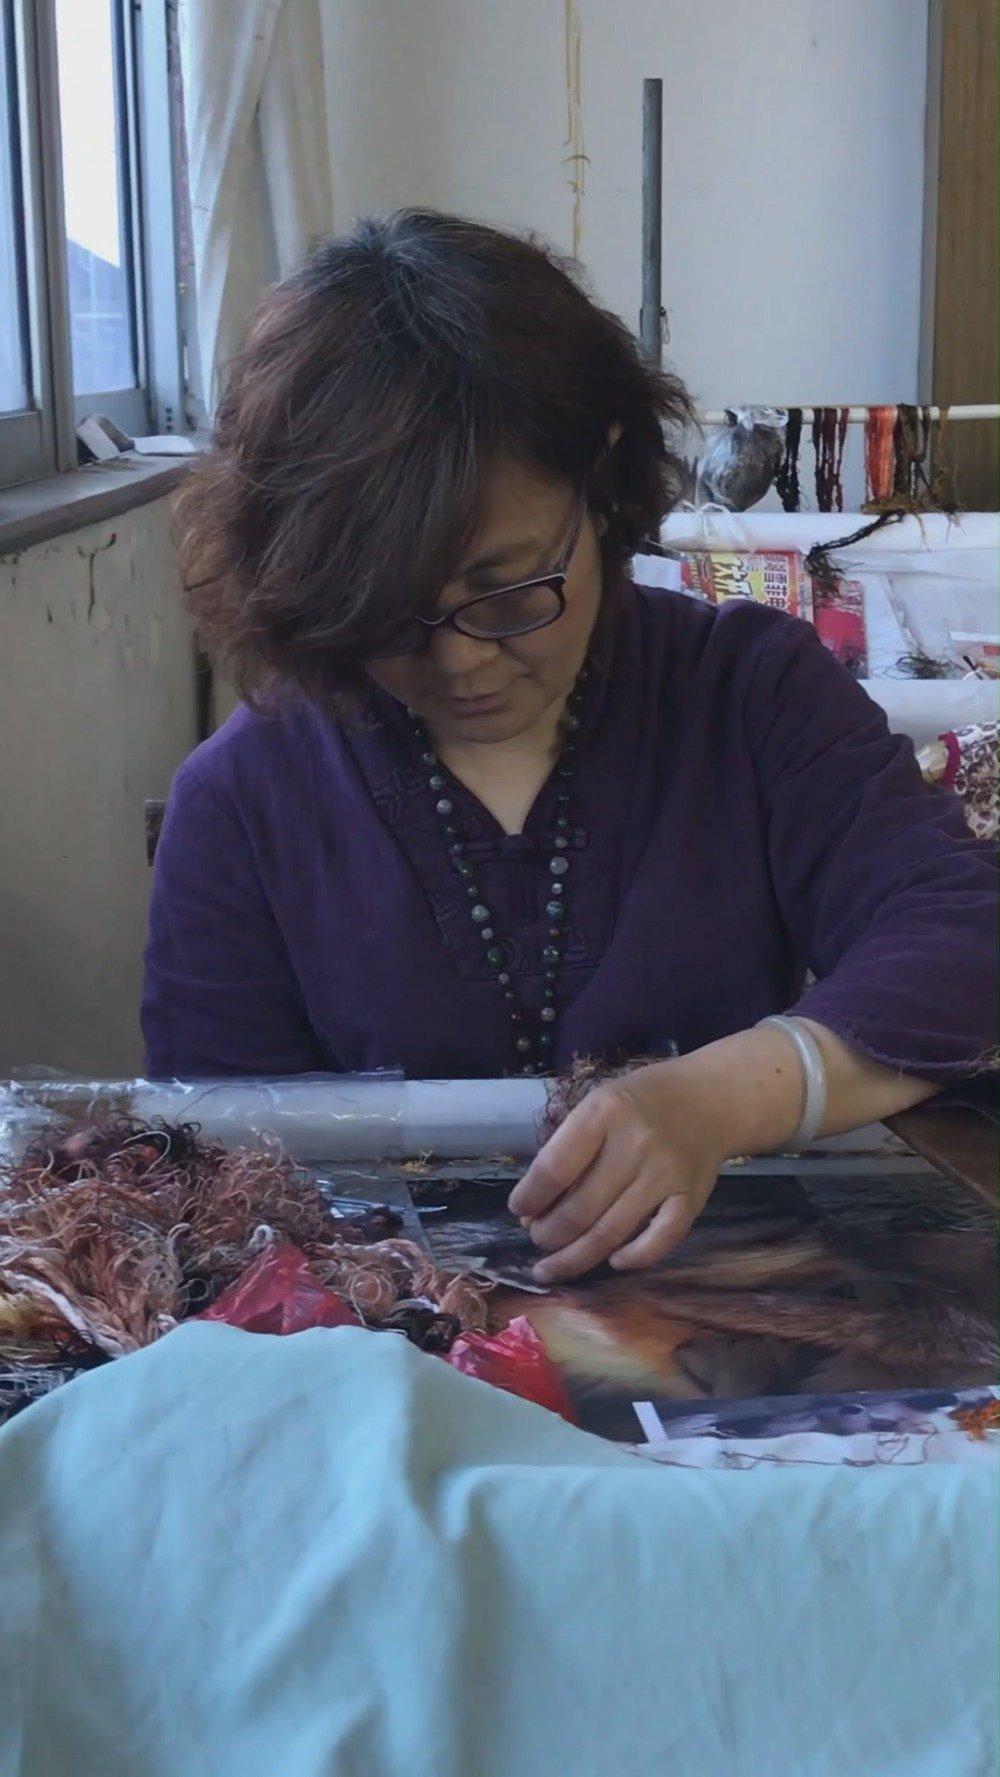 随着苏绣的发达与创新,延至今日,又形成许多新的刺绣